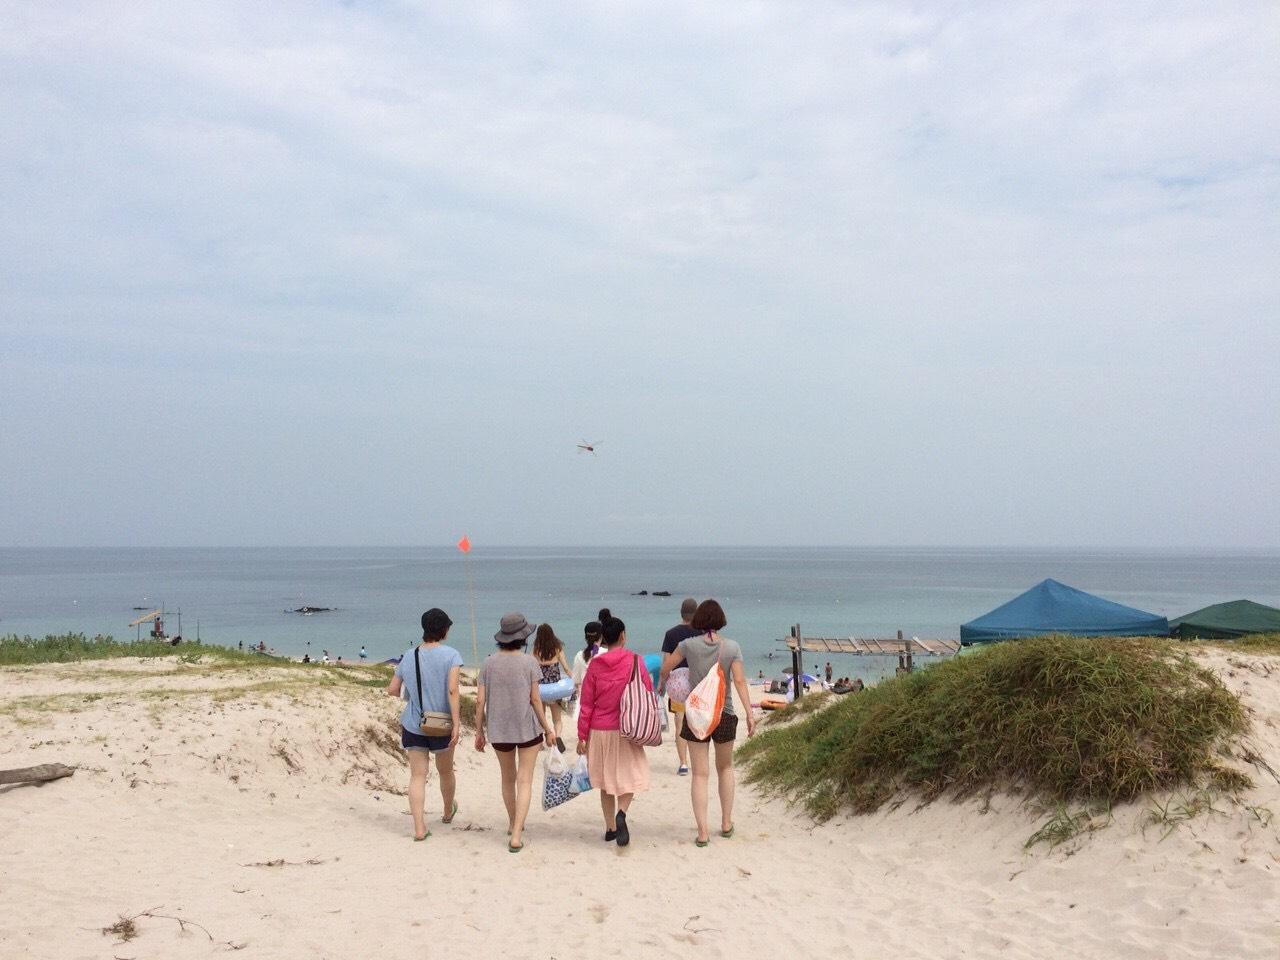 Tsunishima Beach babes!